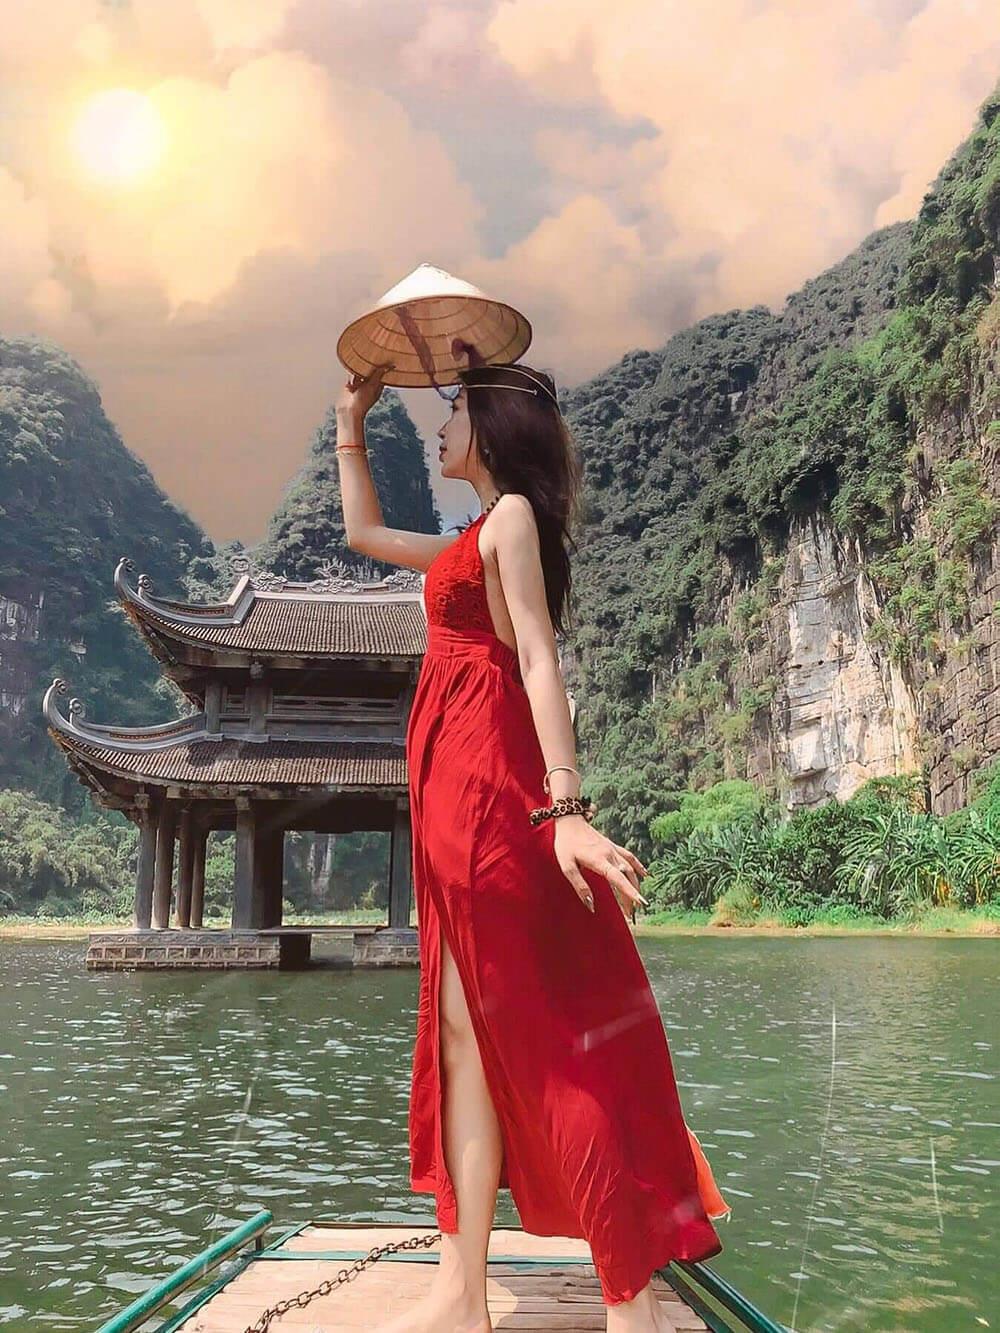 Khu Du Lich Sinh Thai Trang An Ninh Binh Review Hue Da Nang Hoi An Ninh Binh 7n7d Chi Voi 8 Trieu Tin Duoc Khong 01